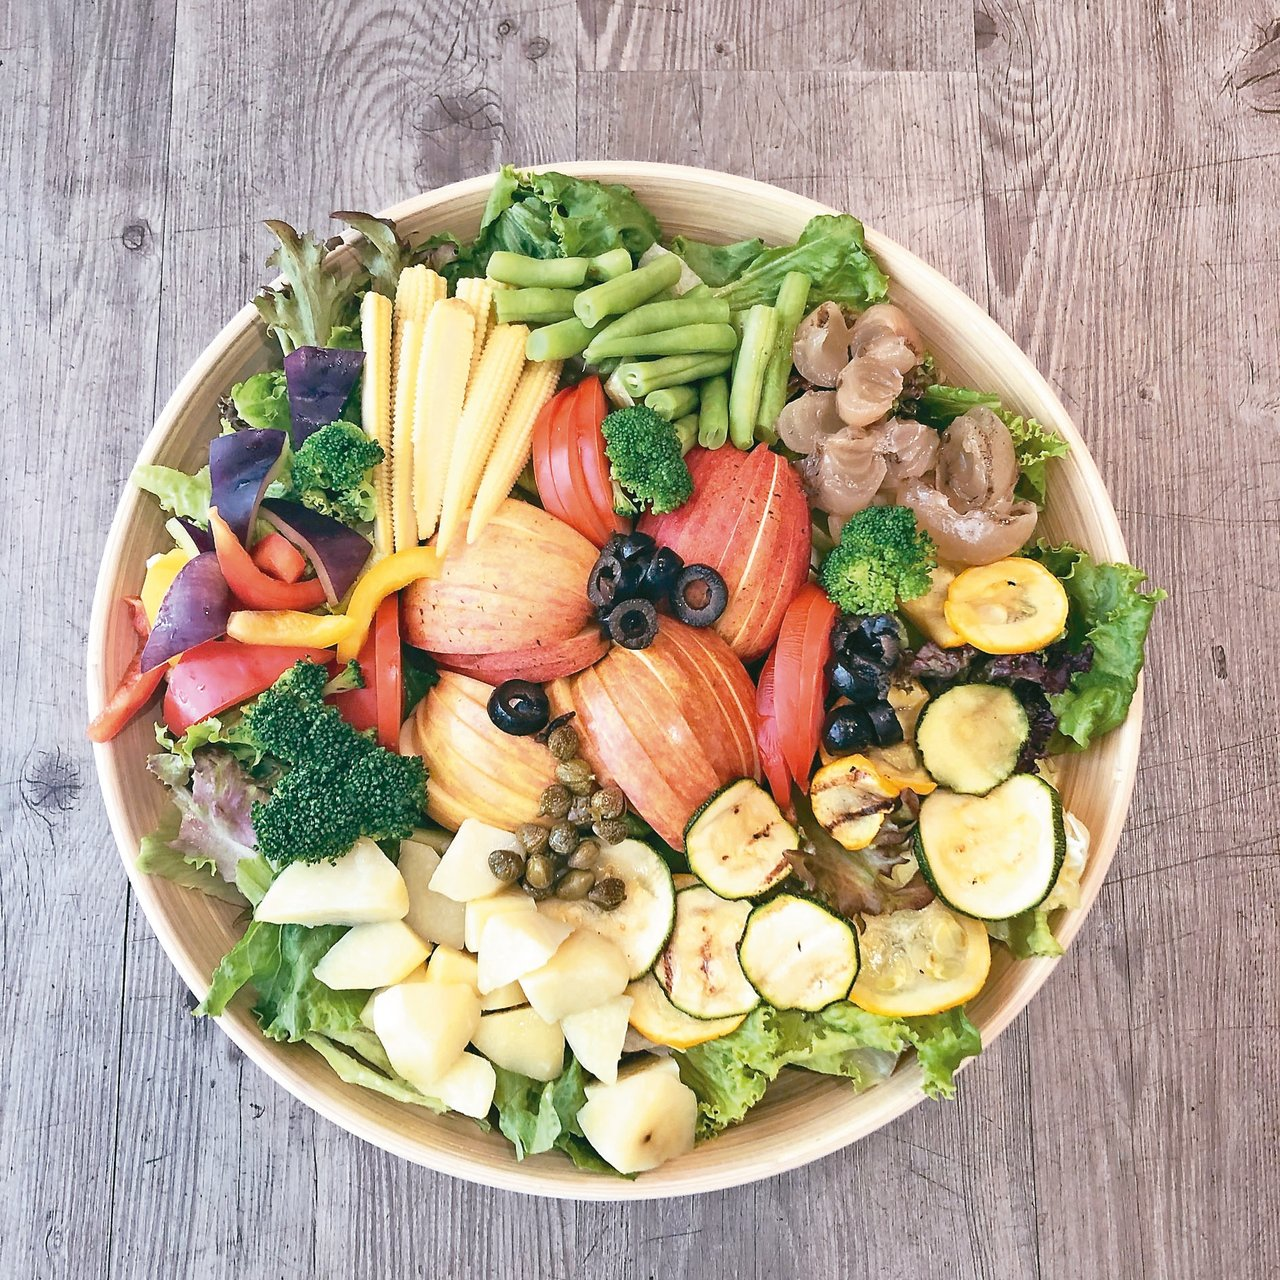 鮮蔬素沙拉。 圖/陳怡均提供